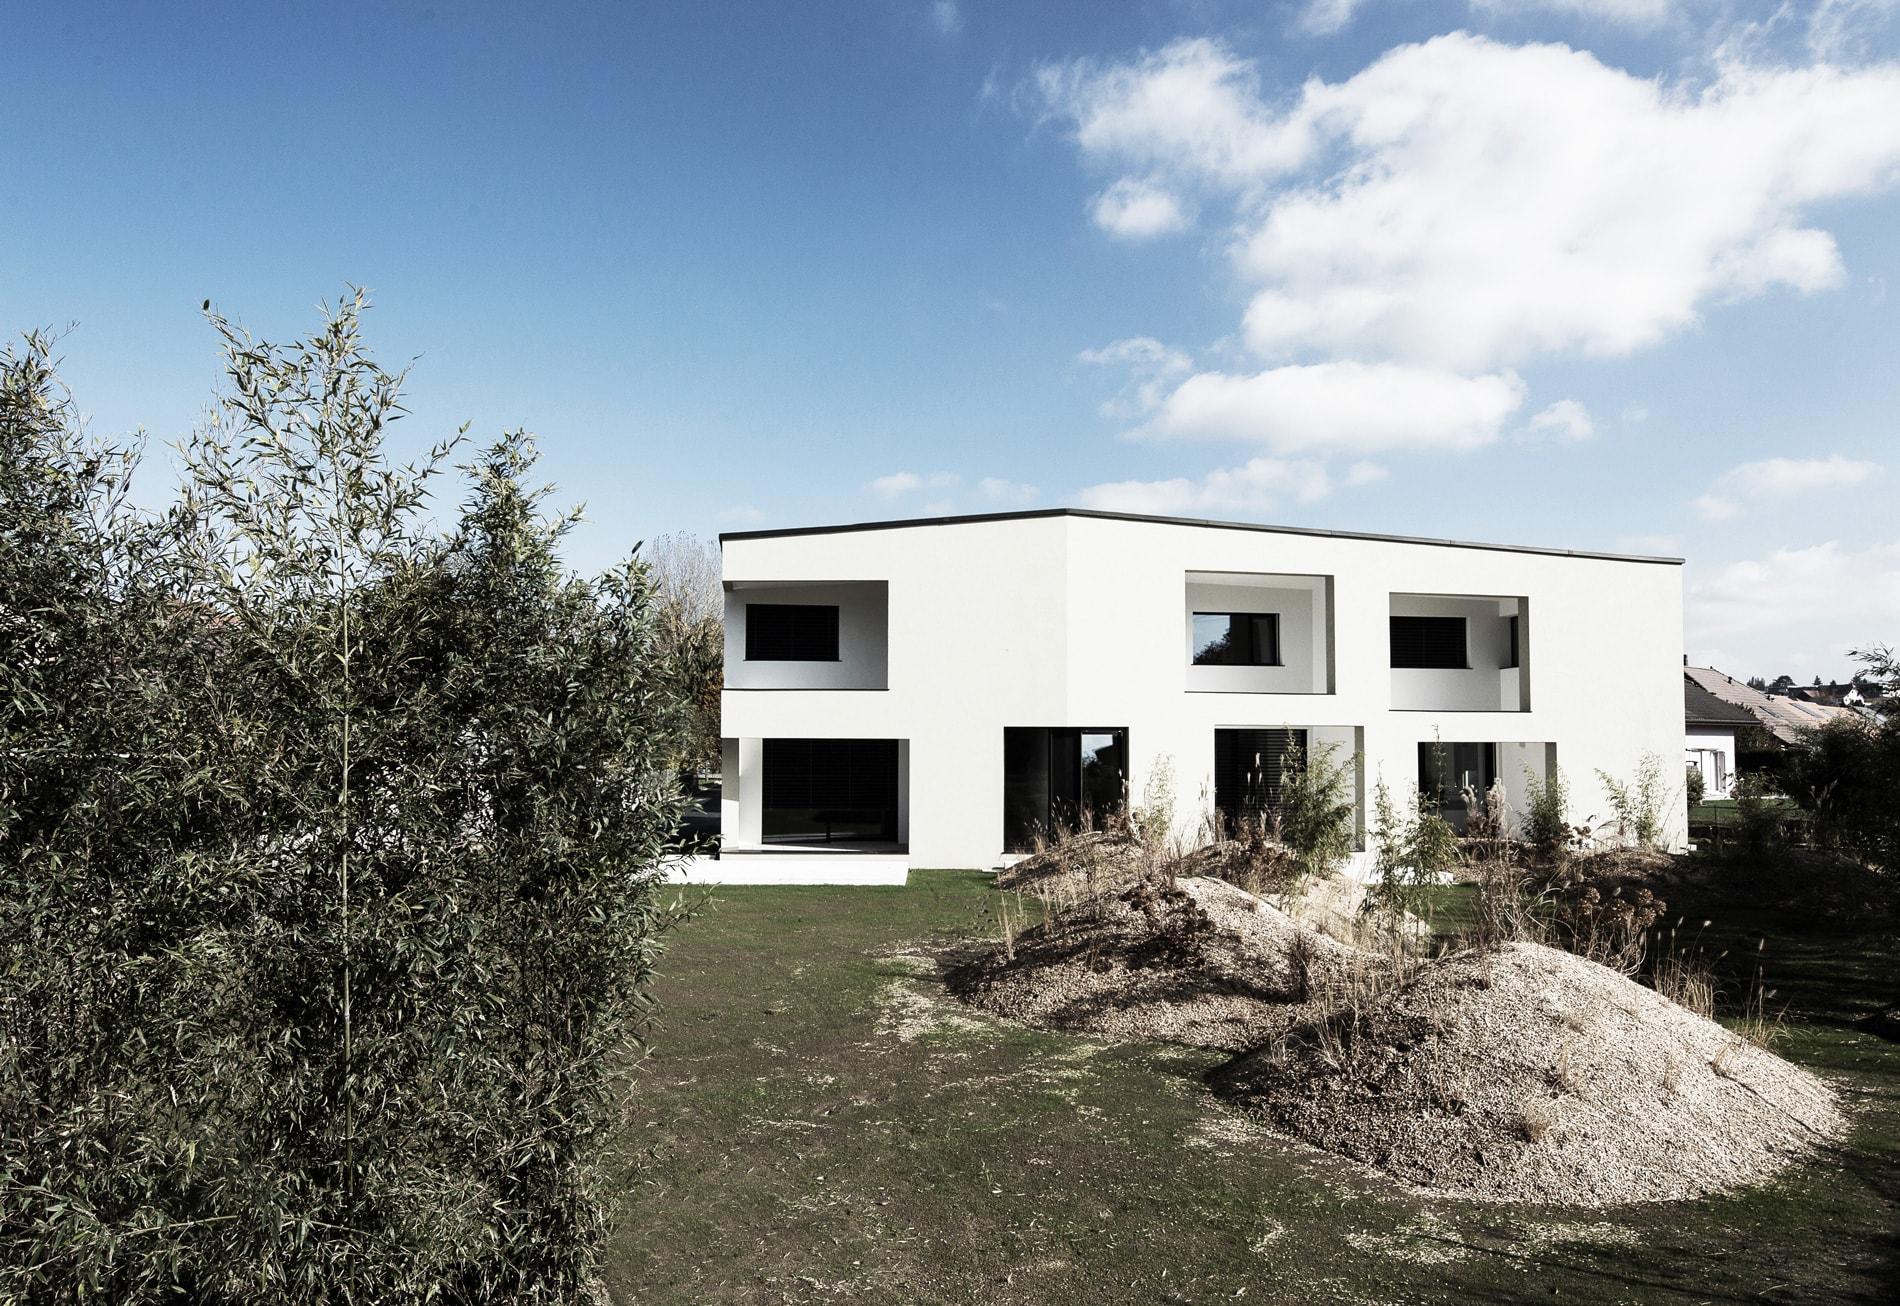 Espace cim sa atelier d architecture et construction d habitat